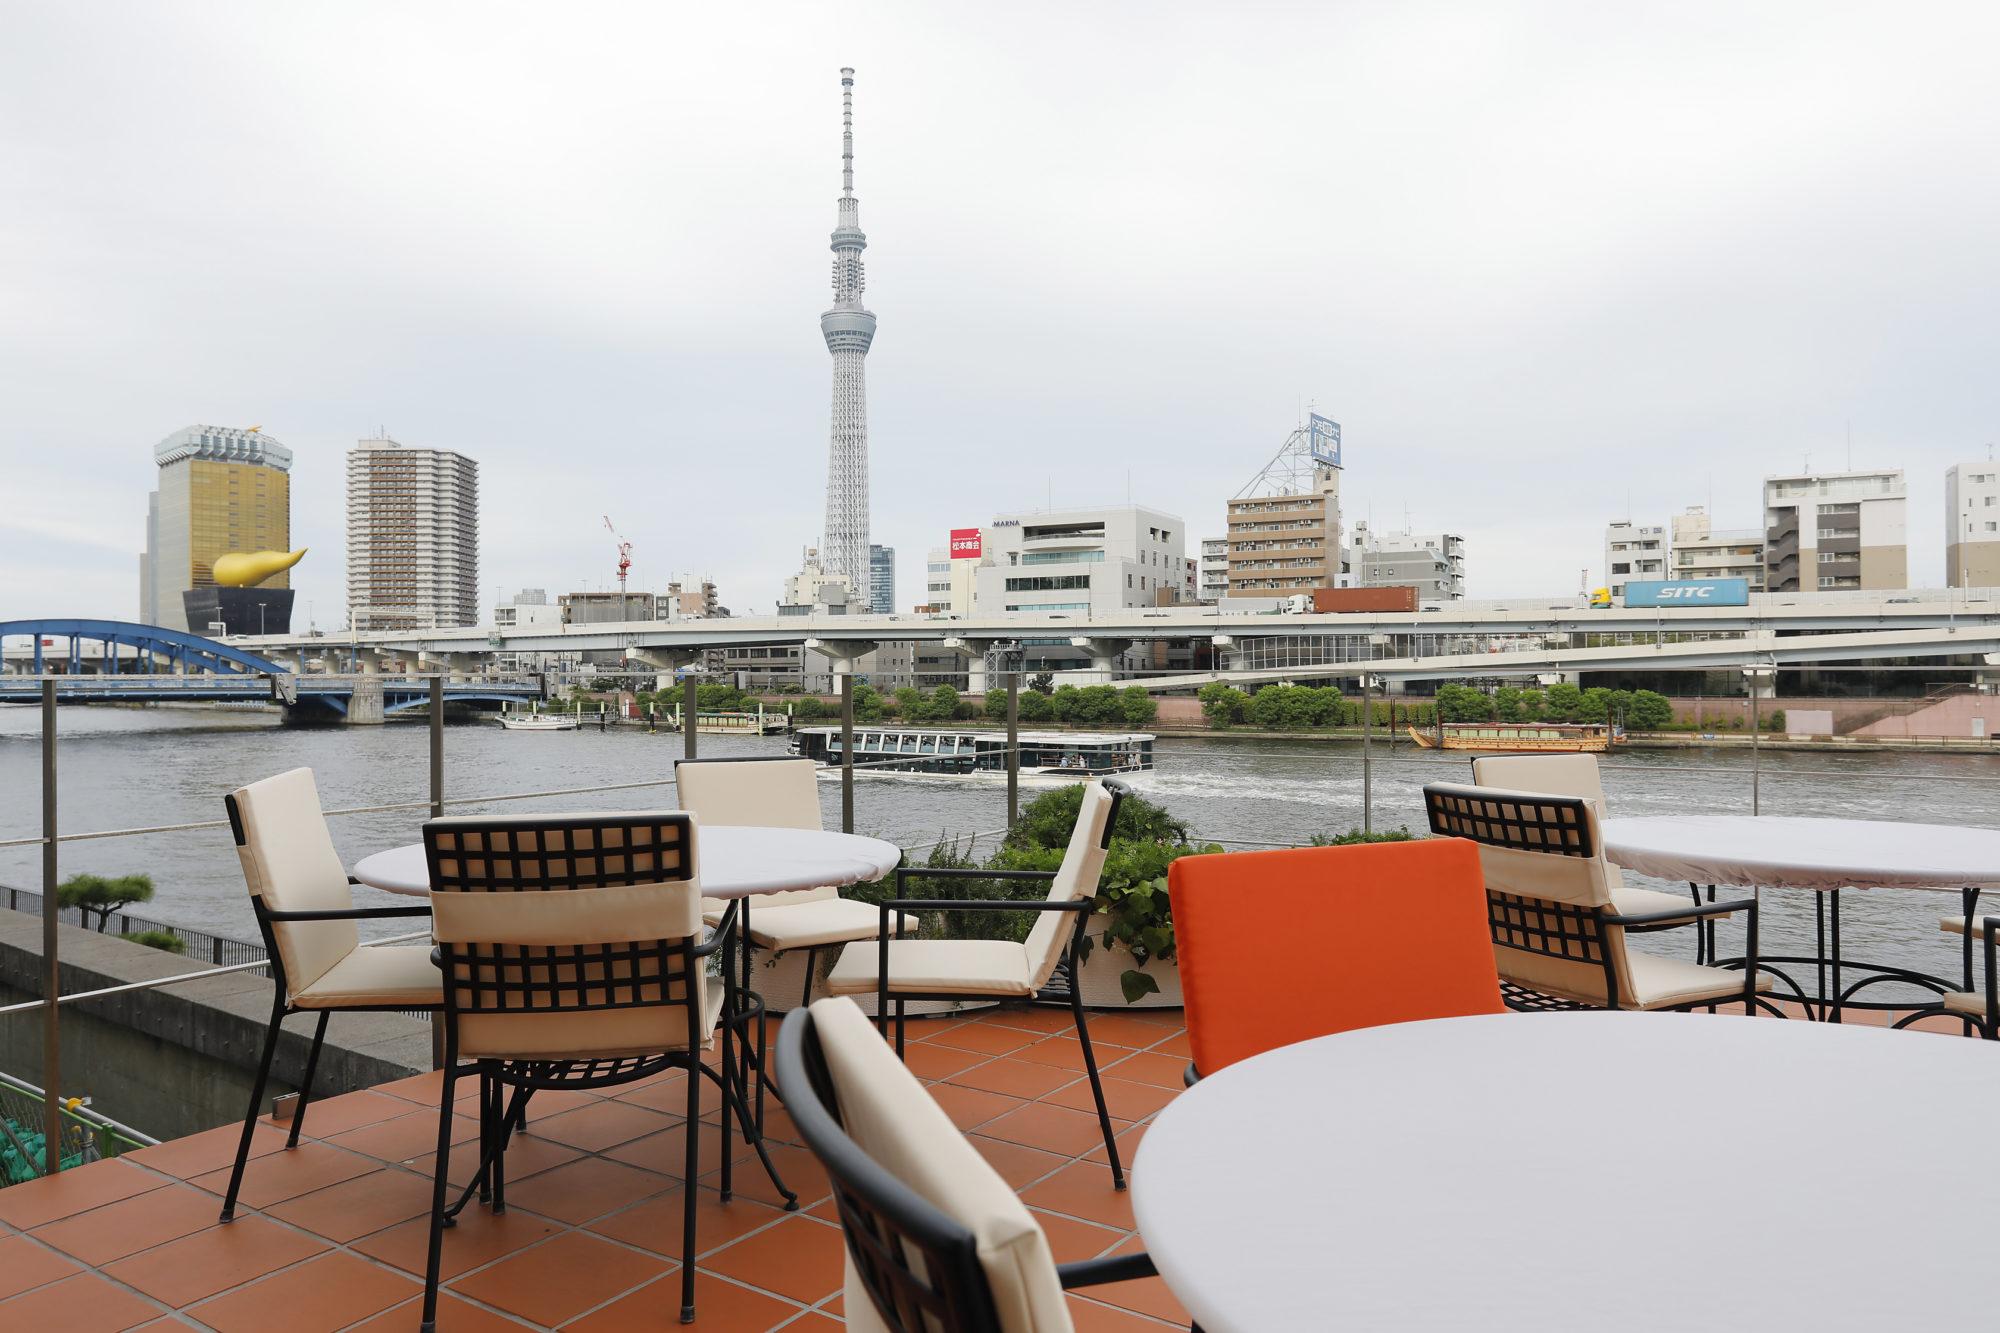 Nabeno-Ism(ナベノイズム)東京スカイツリーを望むことのできるテラス